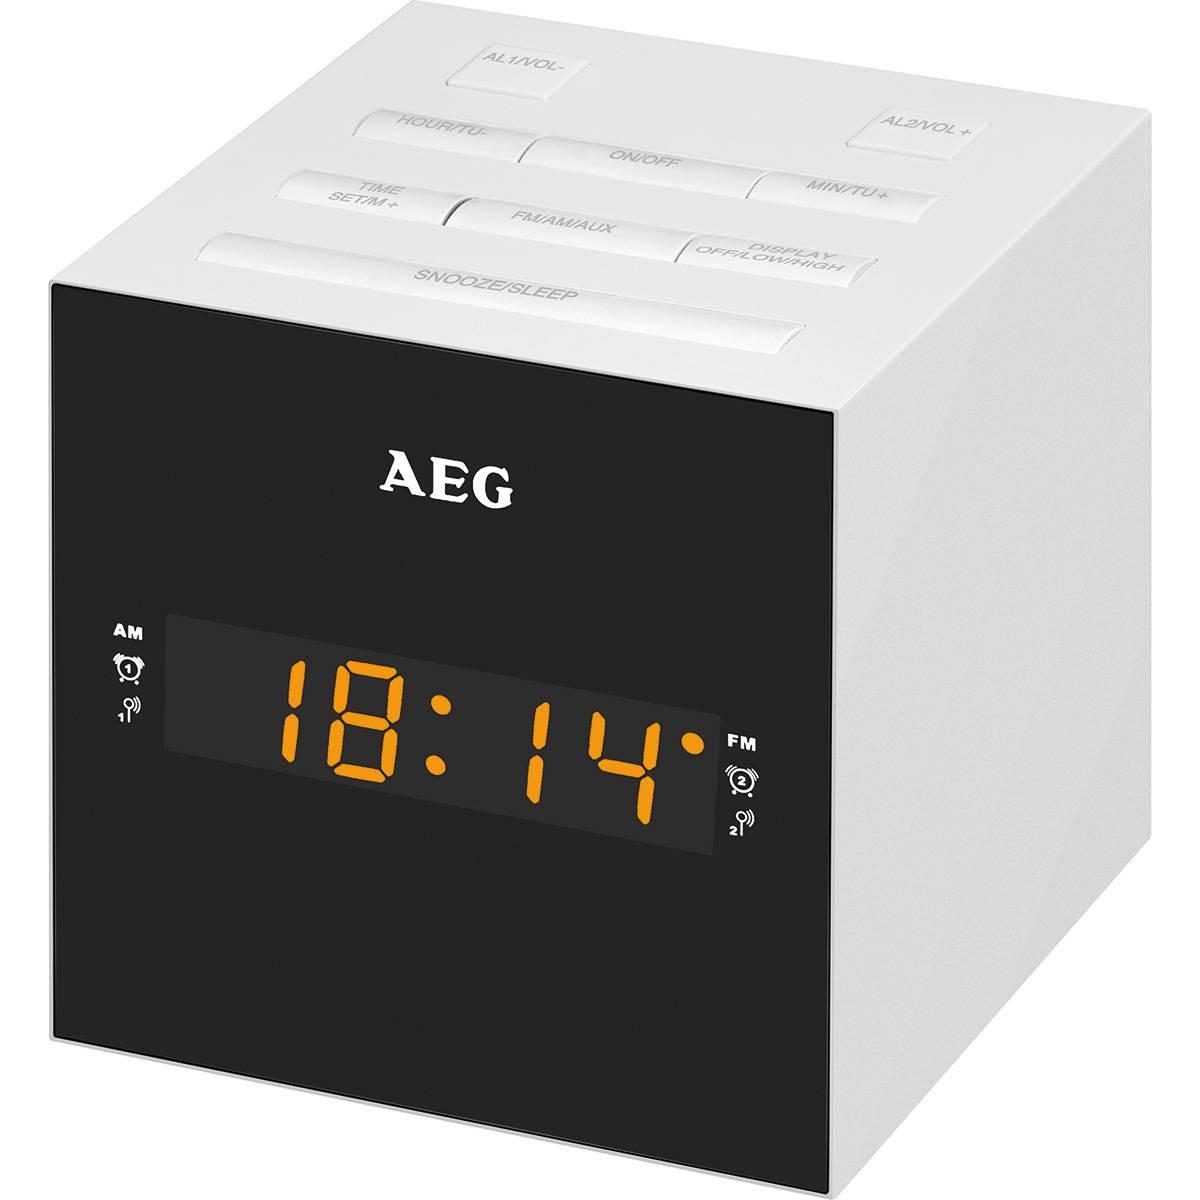 AEG Radio Despertador con USB para carga de móvil MRC 4150 blanco